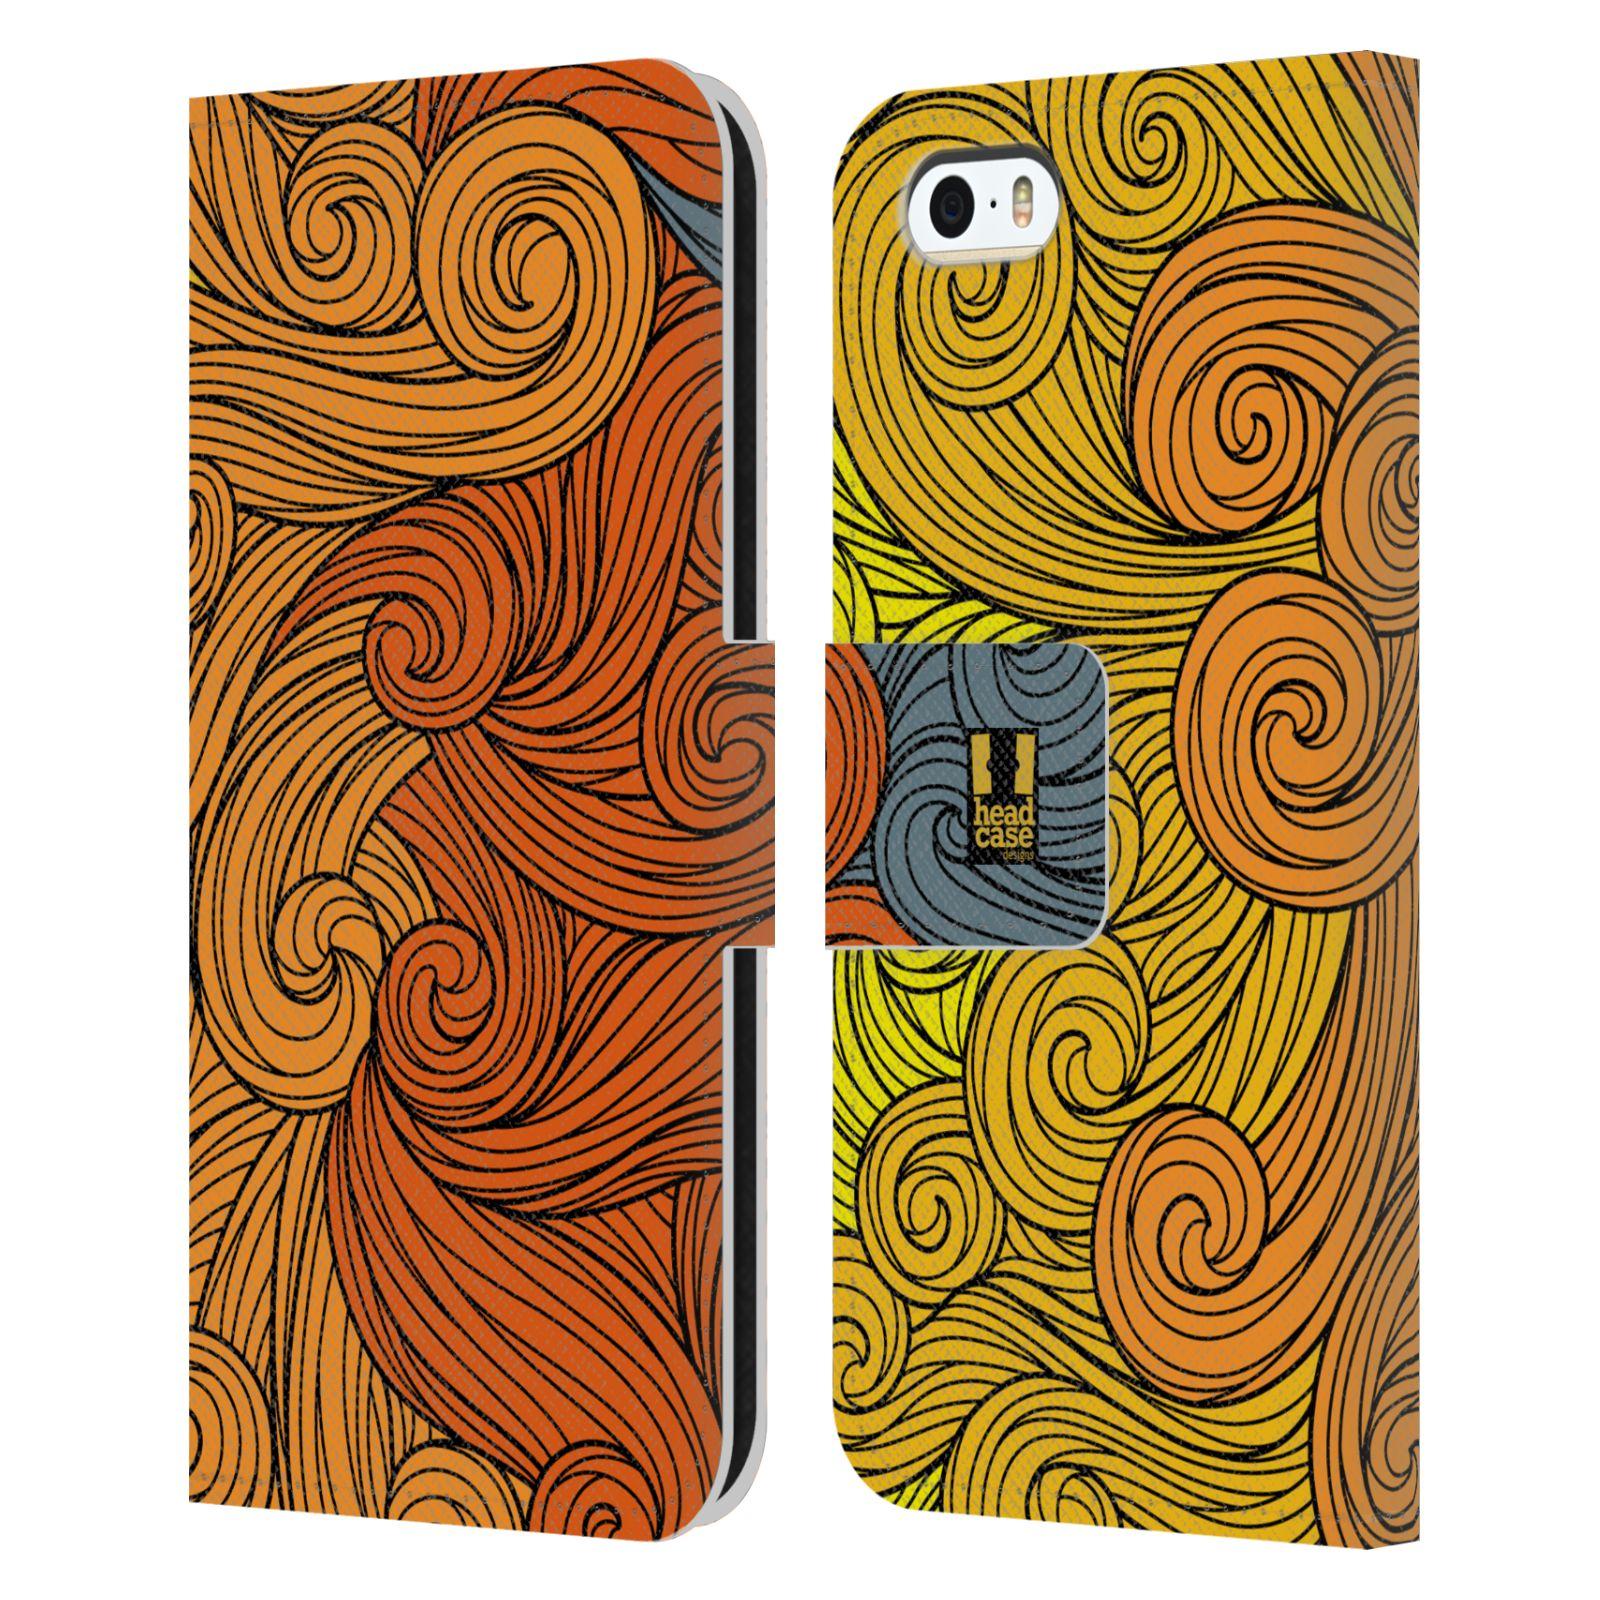 HEAD CASE Flipové pouzdro pro mobil Apple Iphone 5/5s barevné vlny žlutá a oranžová